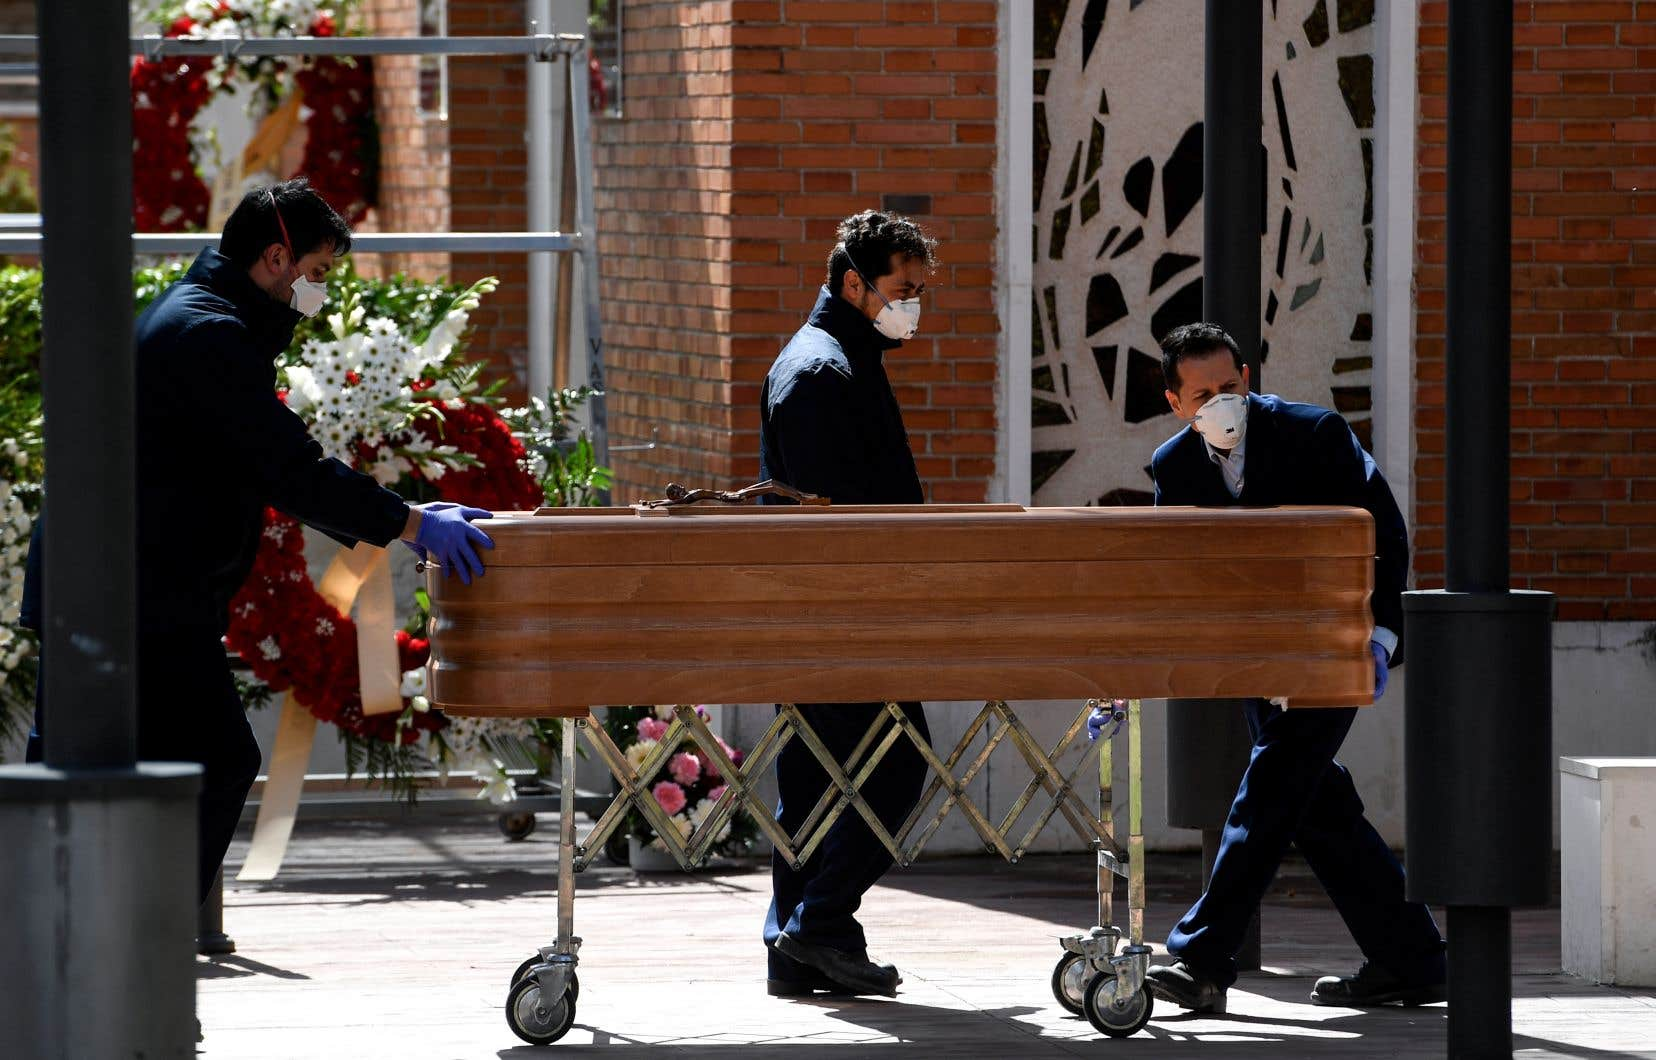 <p>L'Espagne, où le nombre de cas confirmés a encore progressé d'environ 20% à 47610, est soumis depuis le 14mars à un confinement général qui doit être prolongé jusqu'au 11avril.</p>